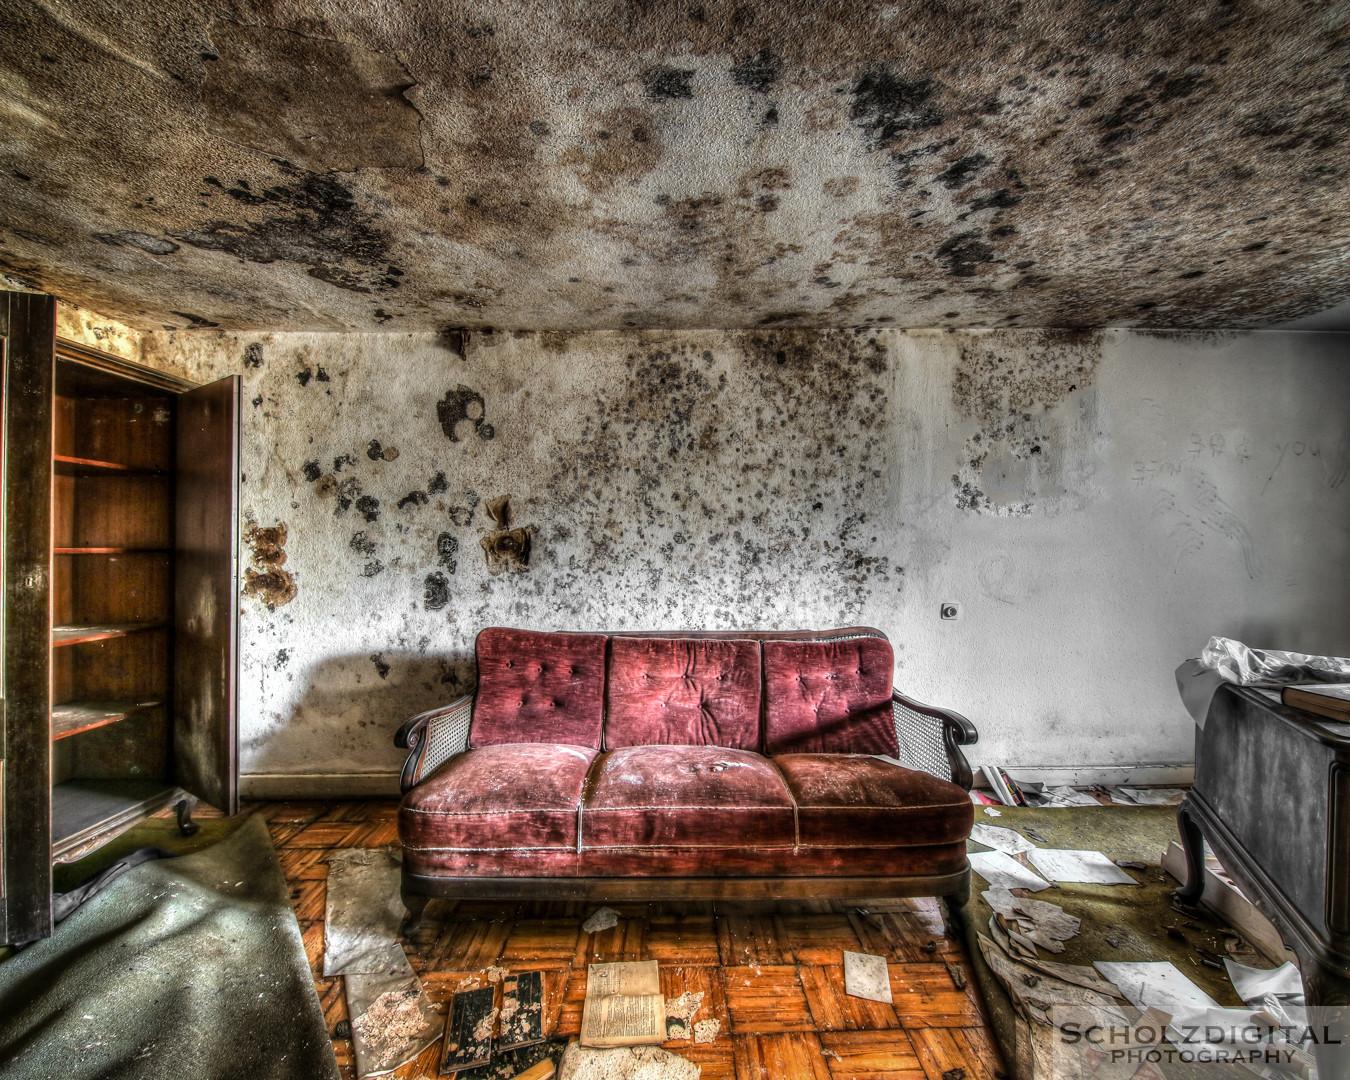 Villa des Direktors - Verfall vom feinsten in diesem Lost Place